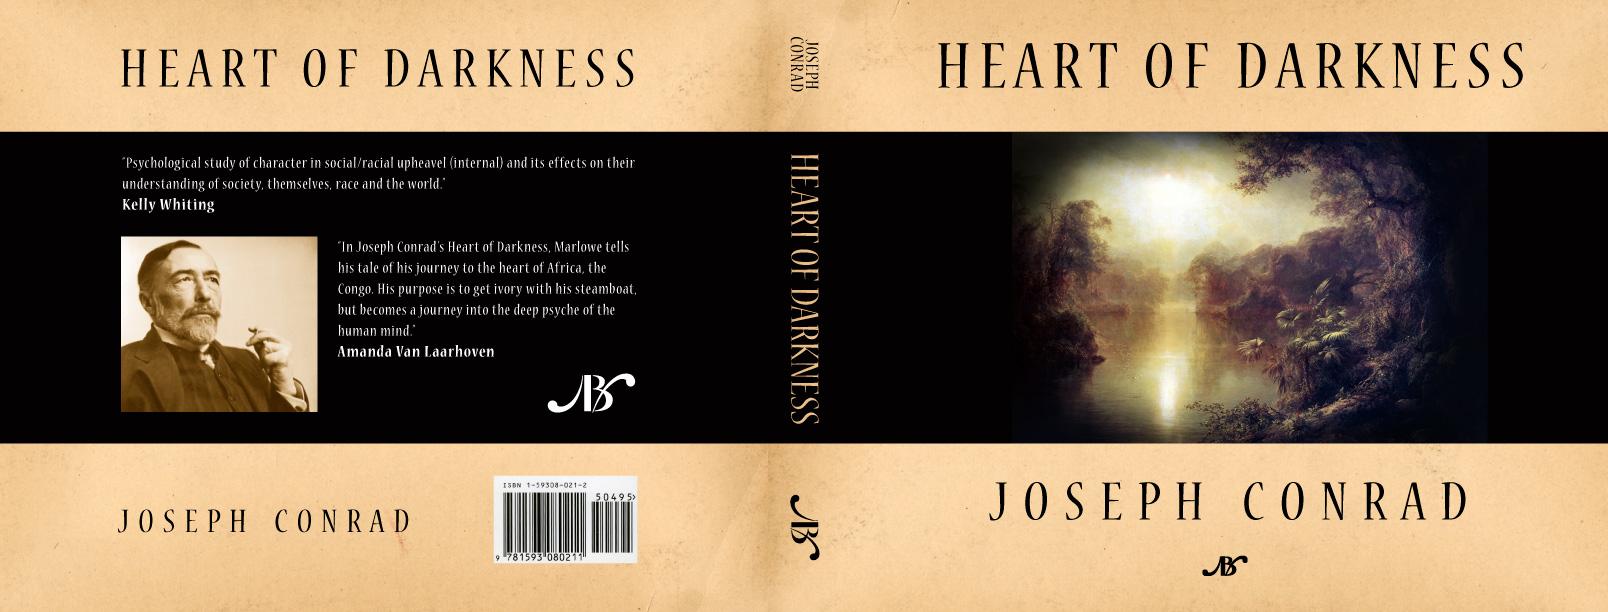 heart of darkness psychological novel